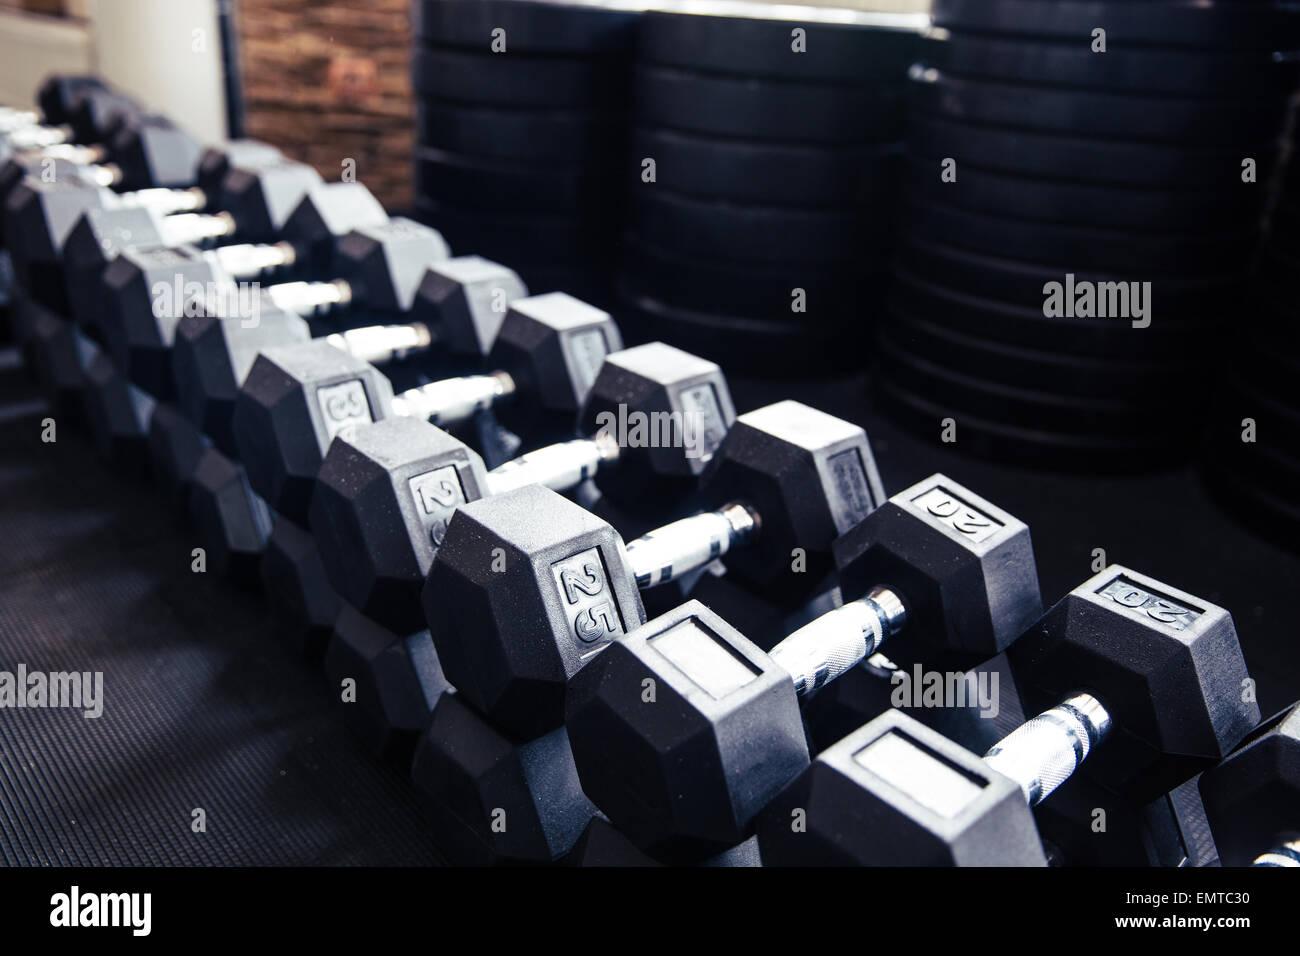 Primo piano immagine di un manubri in palestra per il fitness Immagini Stock